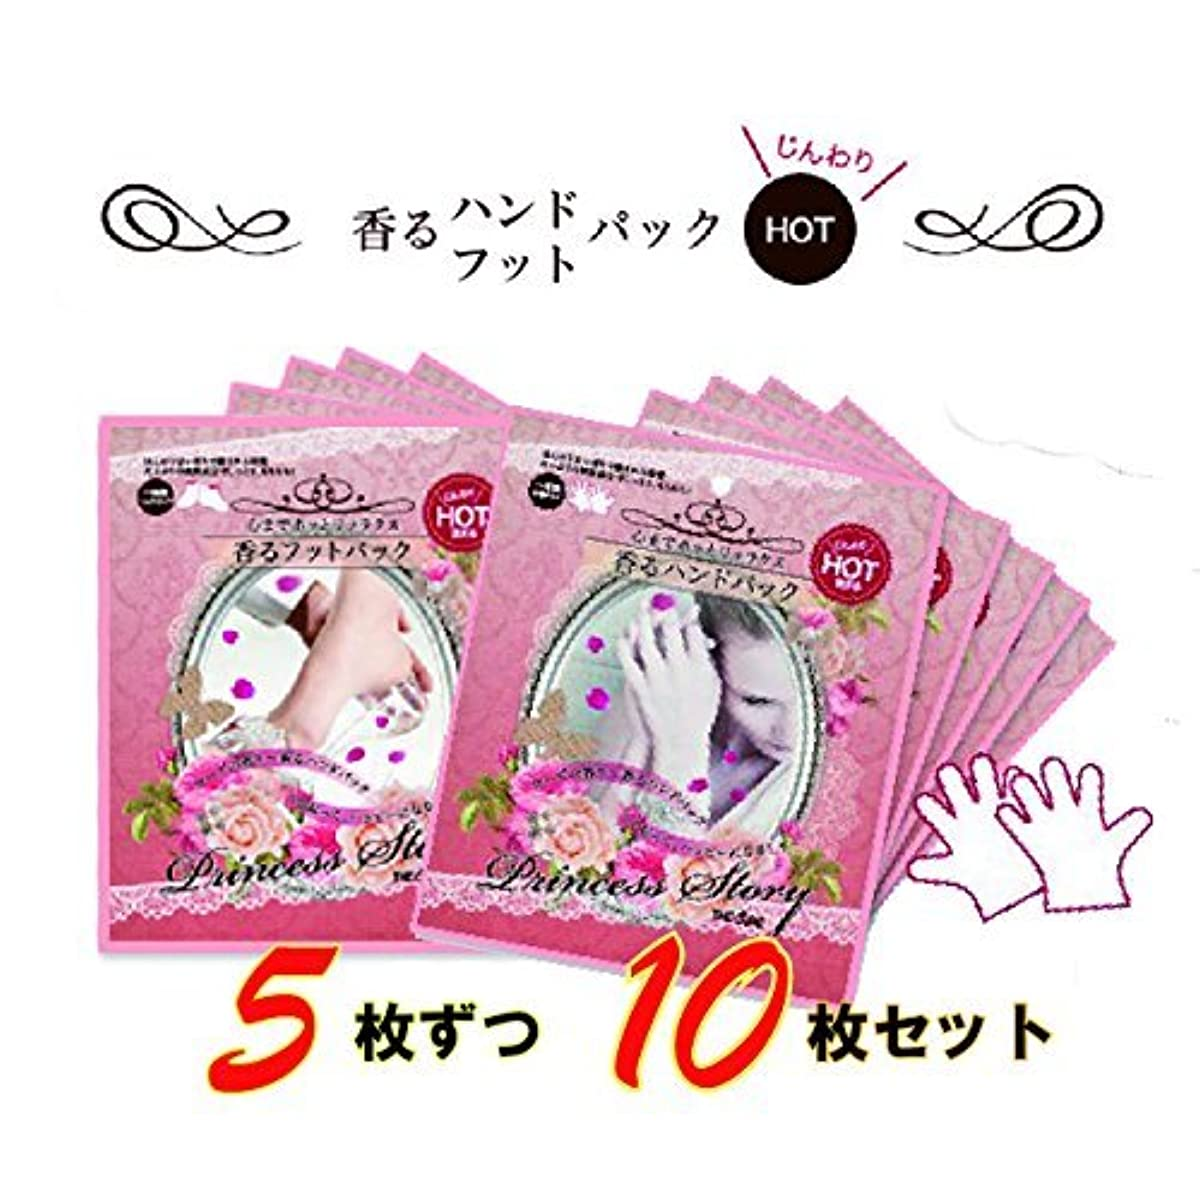 アサー軍耐久香るハンド &フットパック HOT キュア プリンセス ストーリーTHE CURE 5枚ずつ10枚セット